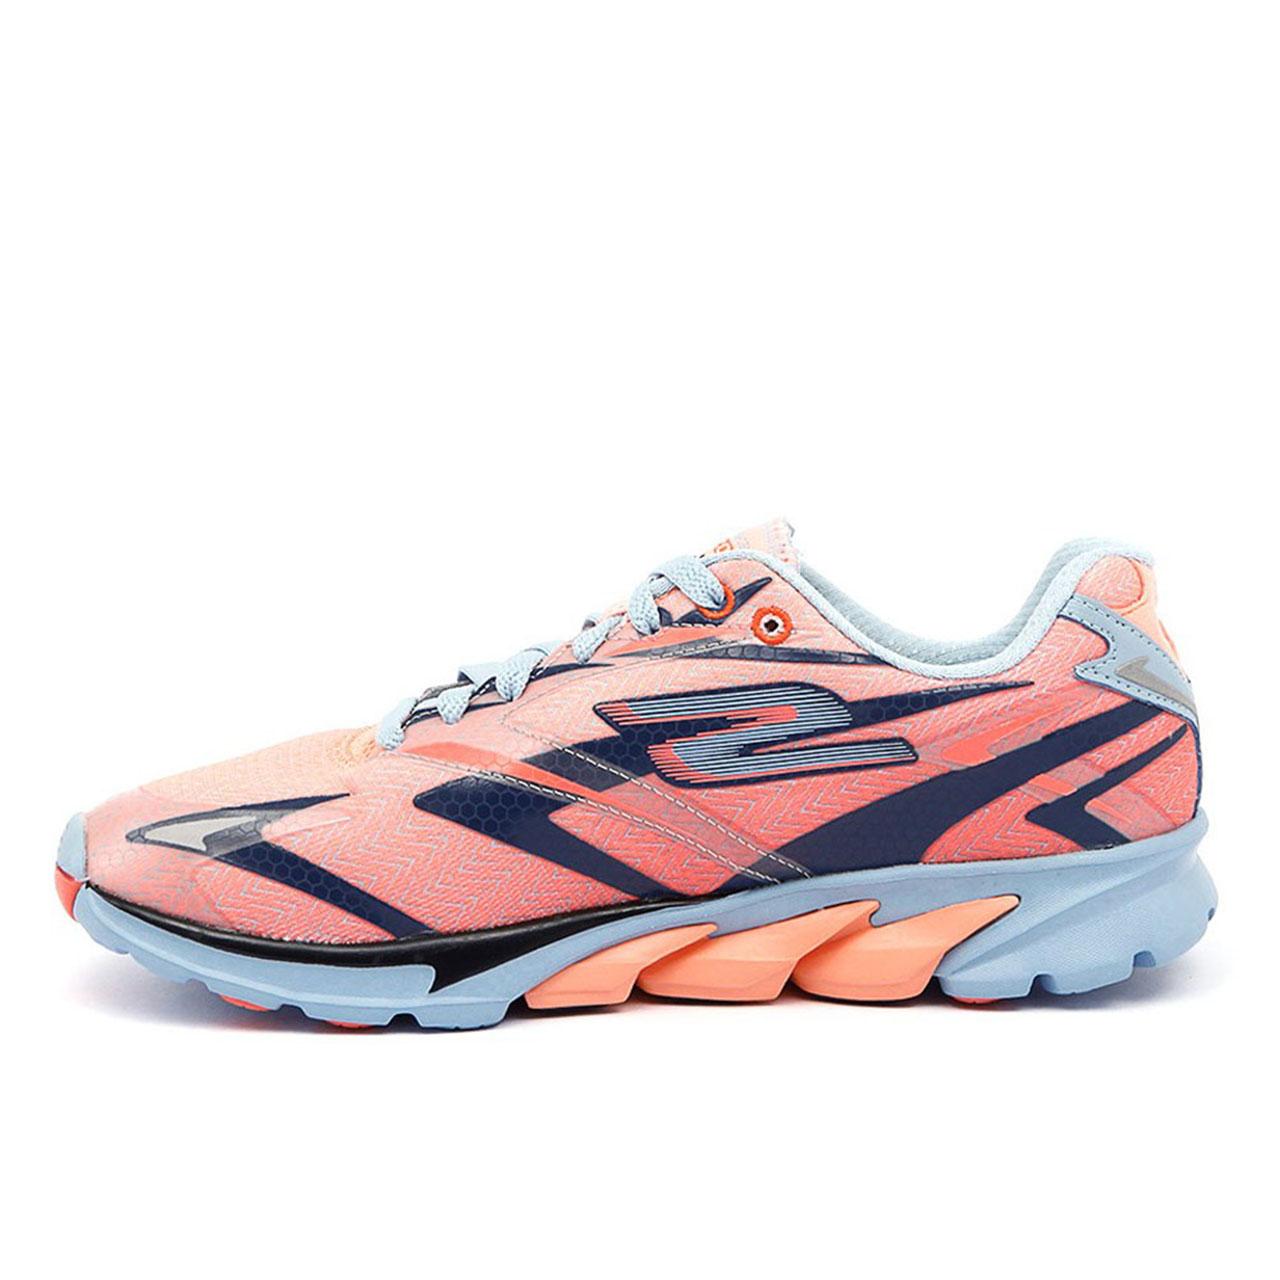 کفش مخصوص دویدن زنانه اسکچرز مدل Go Run 4 کد 13995-COLB